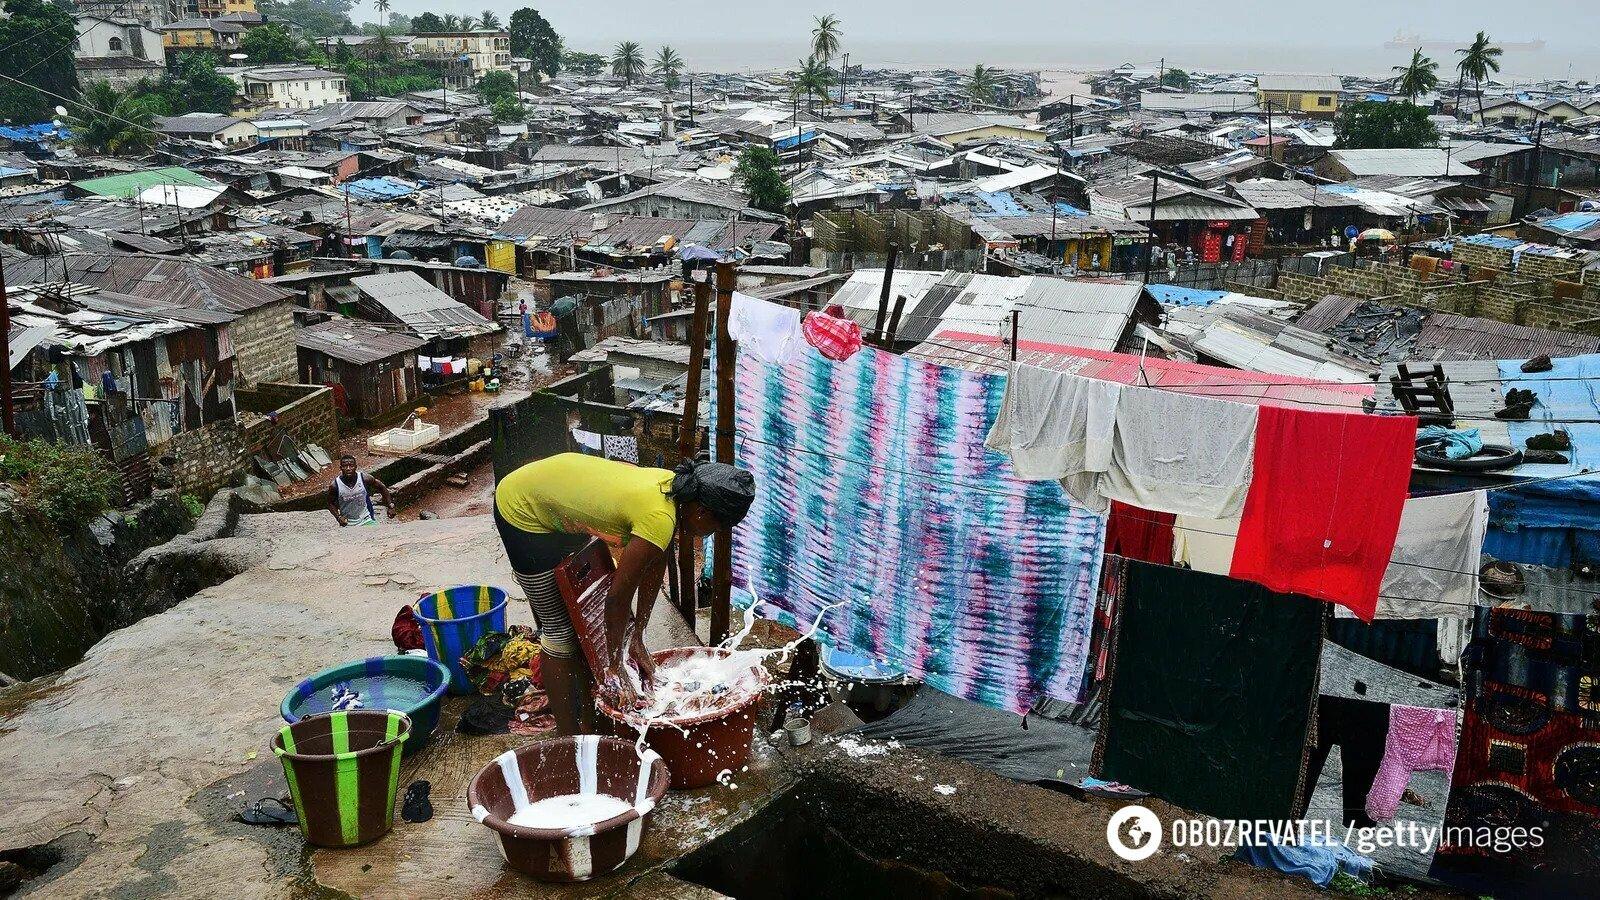 Жителям трущоб на окраине Фритауна в Сьерра-Леоне приходится полагаться на дрова для получения света и тепла